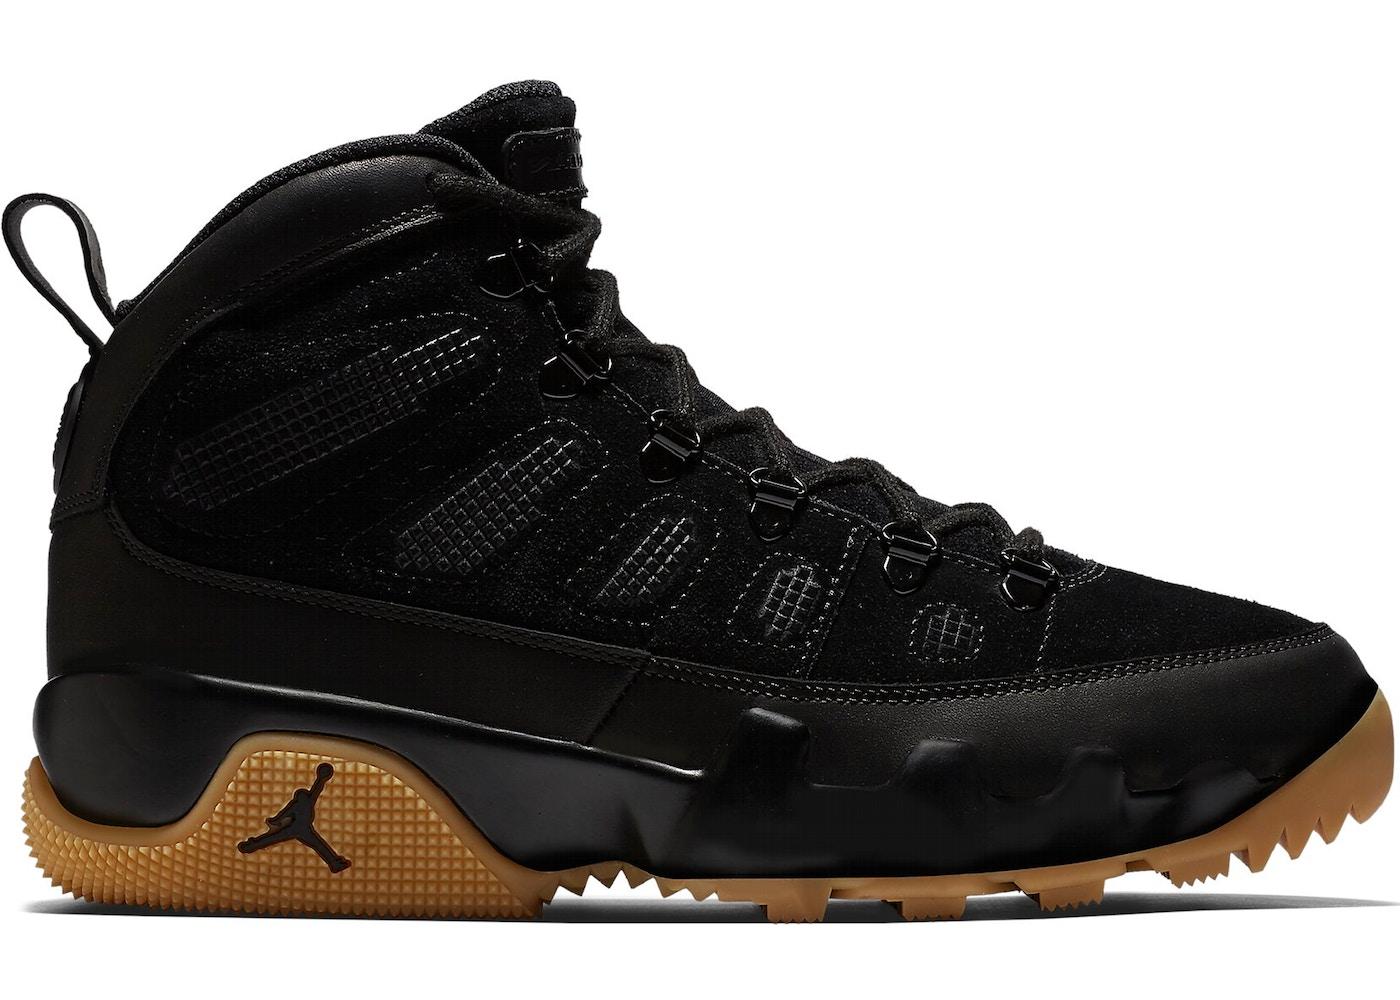 new concept 7d0bb 05ee6 Jordan 9 Retro Boot Black Gum - AR4491-025